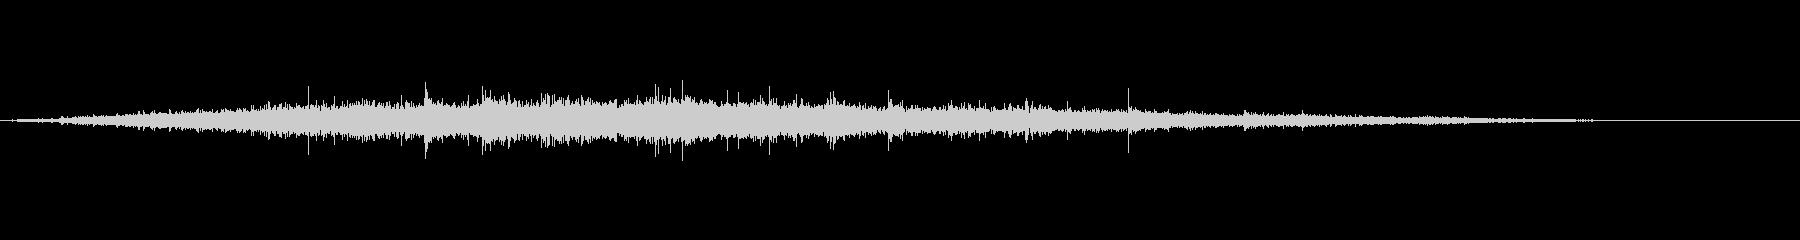 拍手の効果音(中規模/劇場/舞台)12の未再生の波形